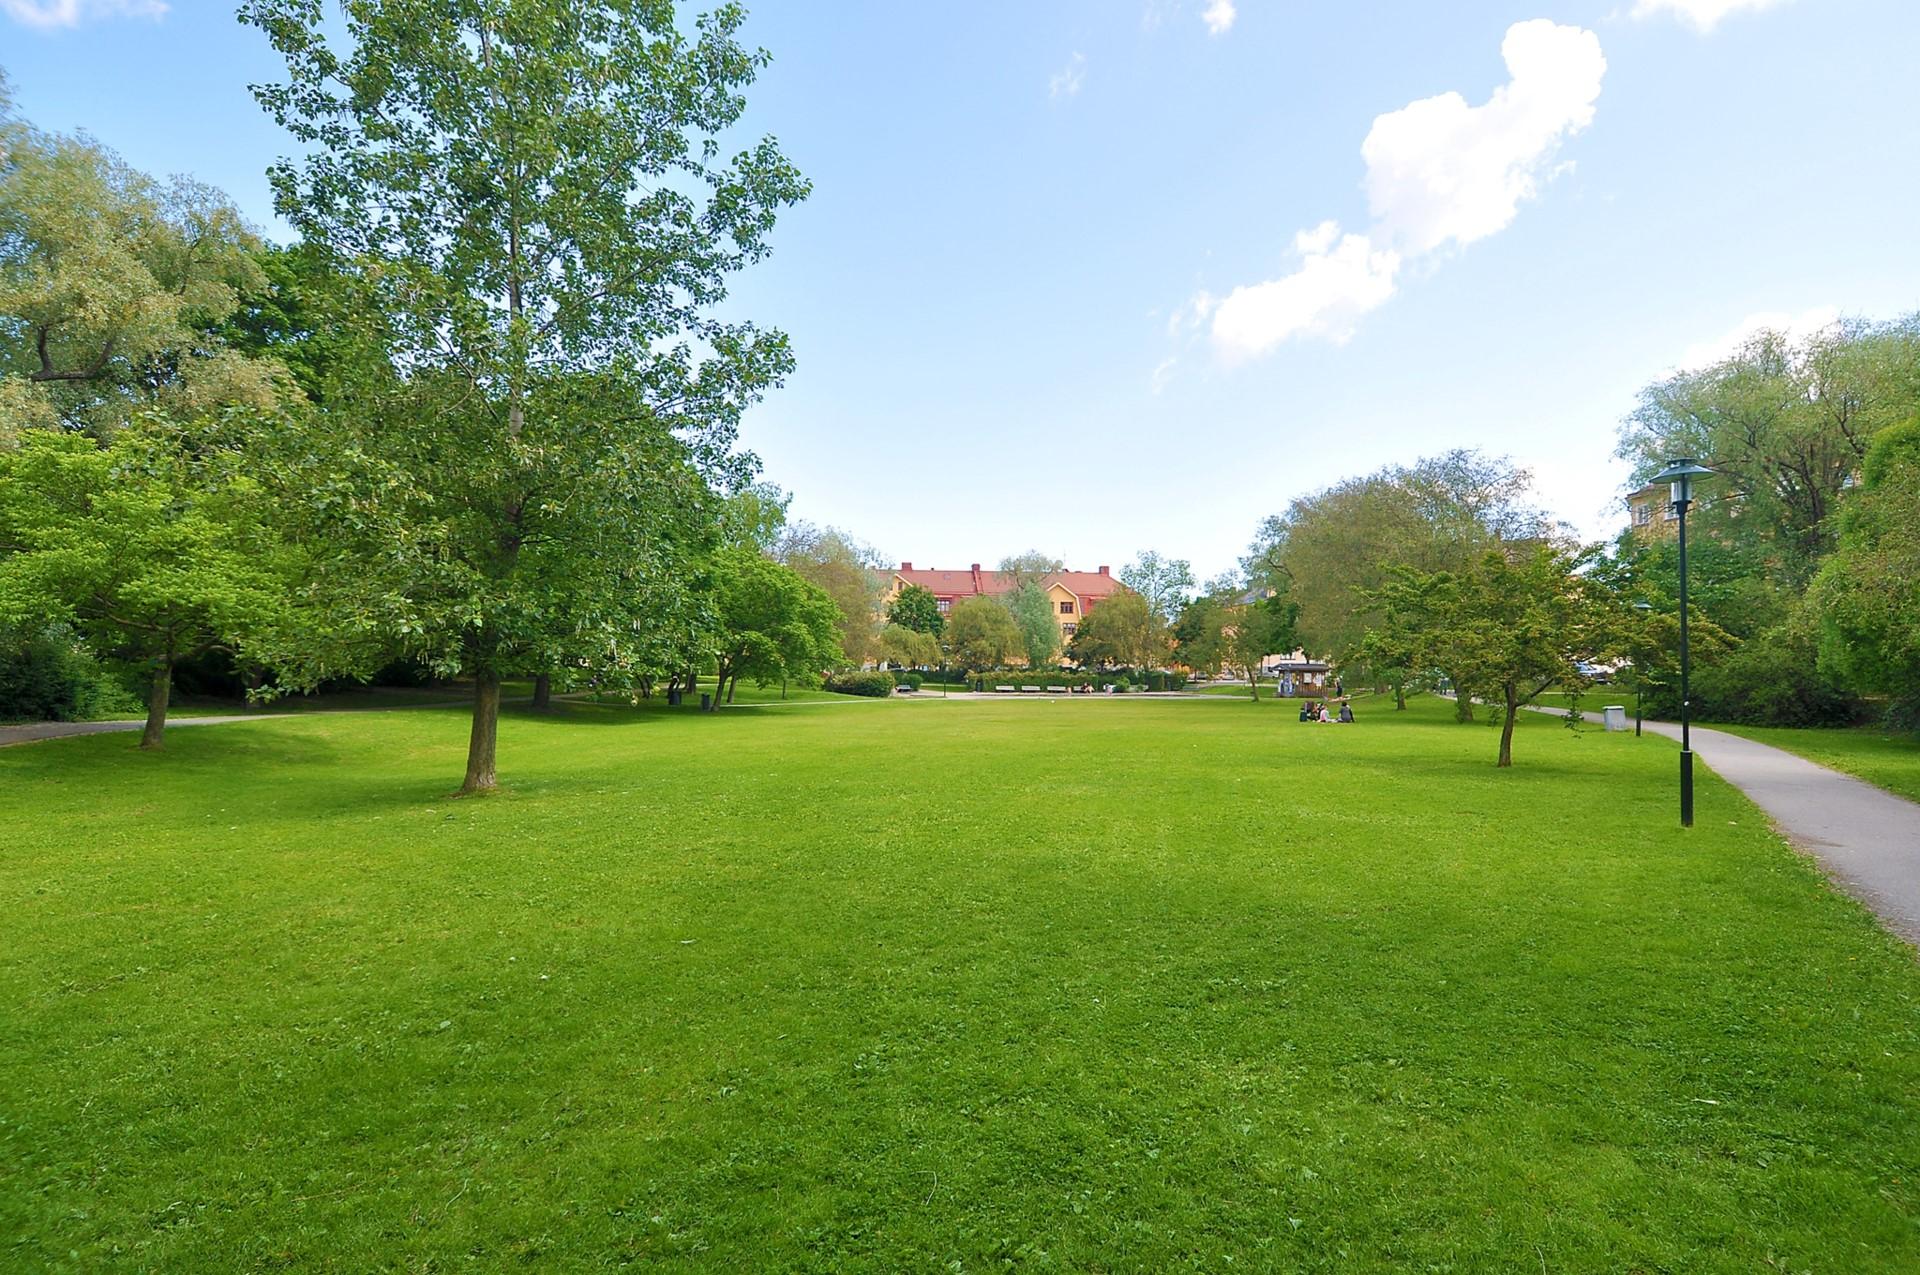 Adventsvägen 3 - Svandammsparken